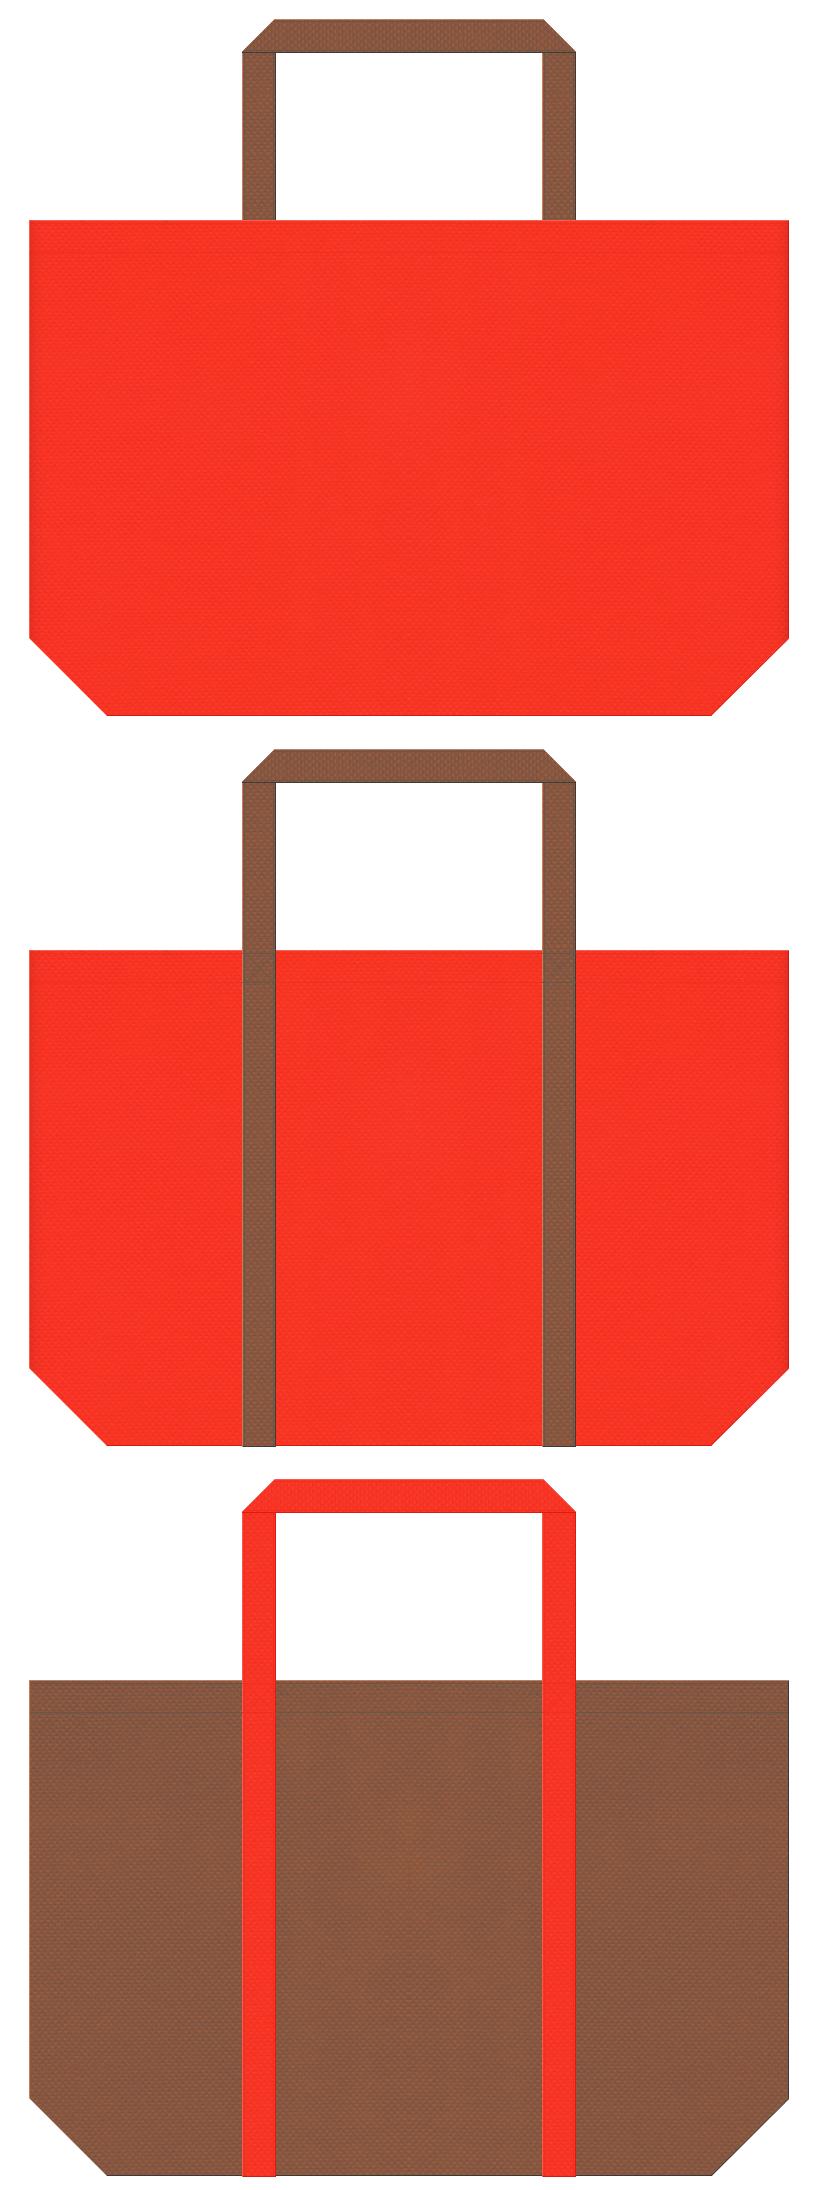 紅茶・レシピ・お料理教室・絵本・むかし話・ハロウィンにお奨めの不織布バッグデザイン:オレンジ色と茶色のコーデ